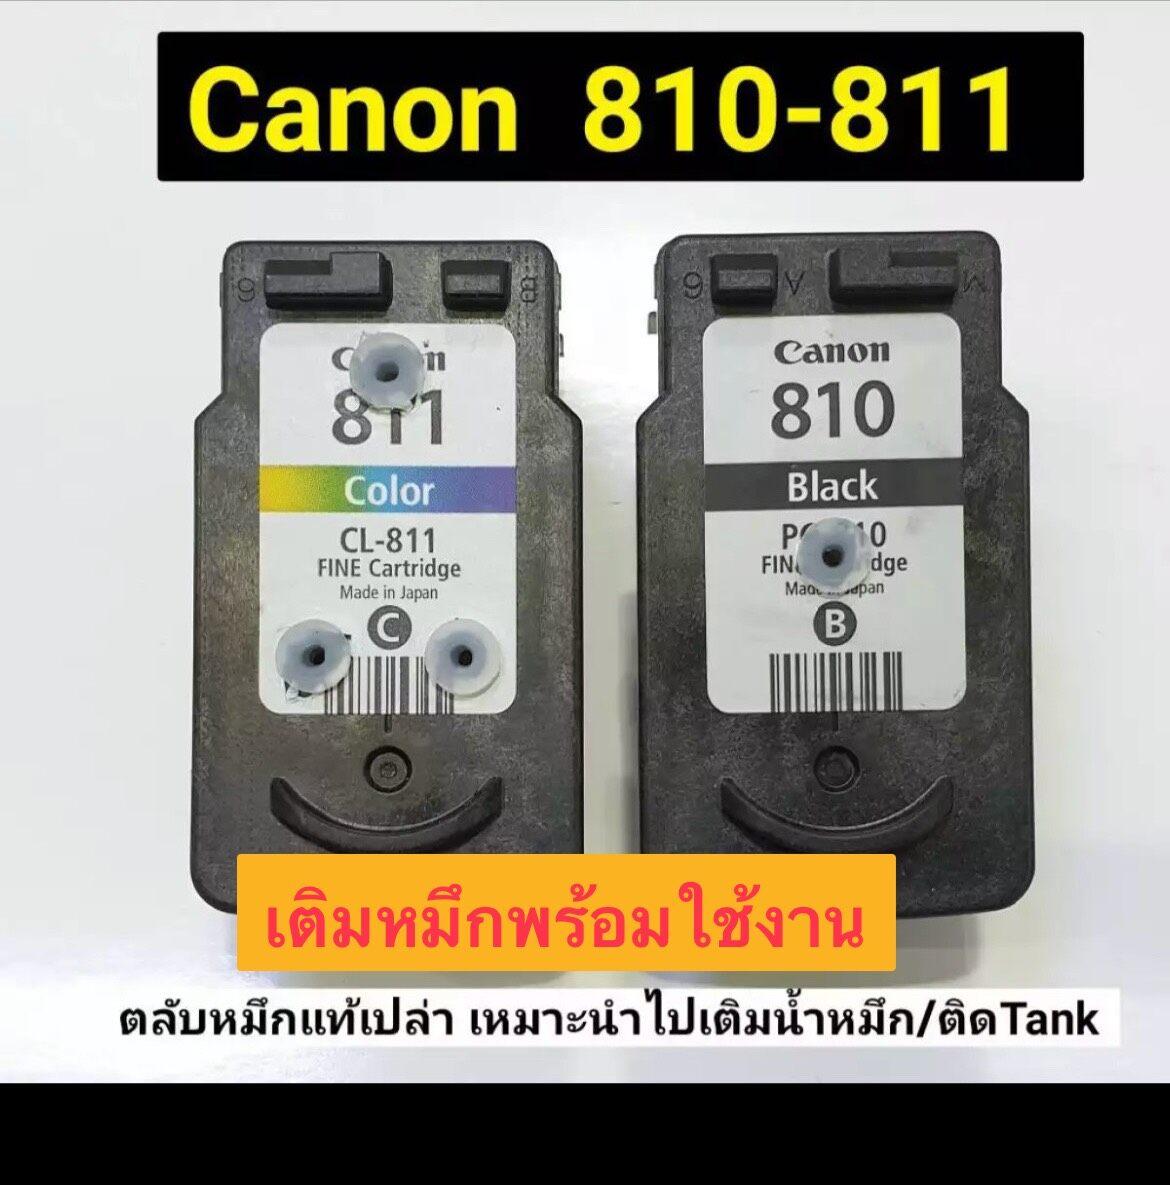 ตลับหมึกแท้ Canon 810-811 ดำ-สี (ตลับหมึกเปล่าที่นำมาเติมหมึก-แบบเจาะใส่จุกพร้อมใช้งาน).